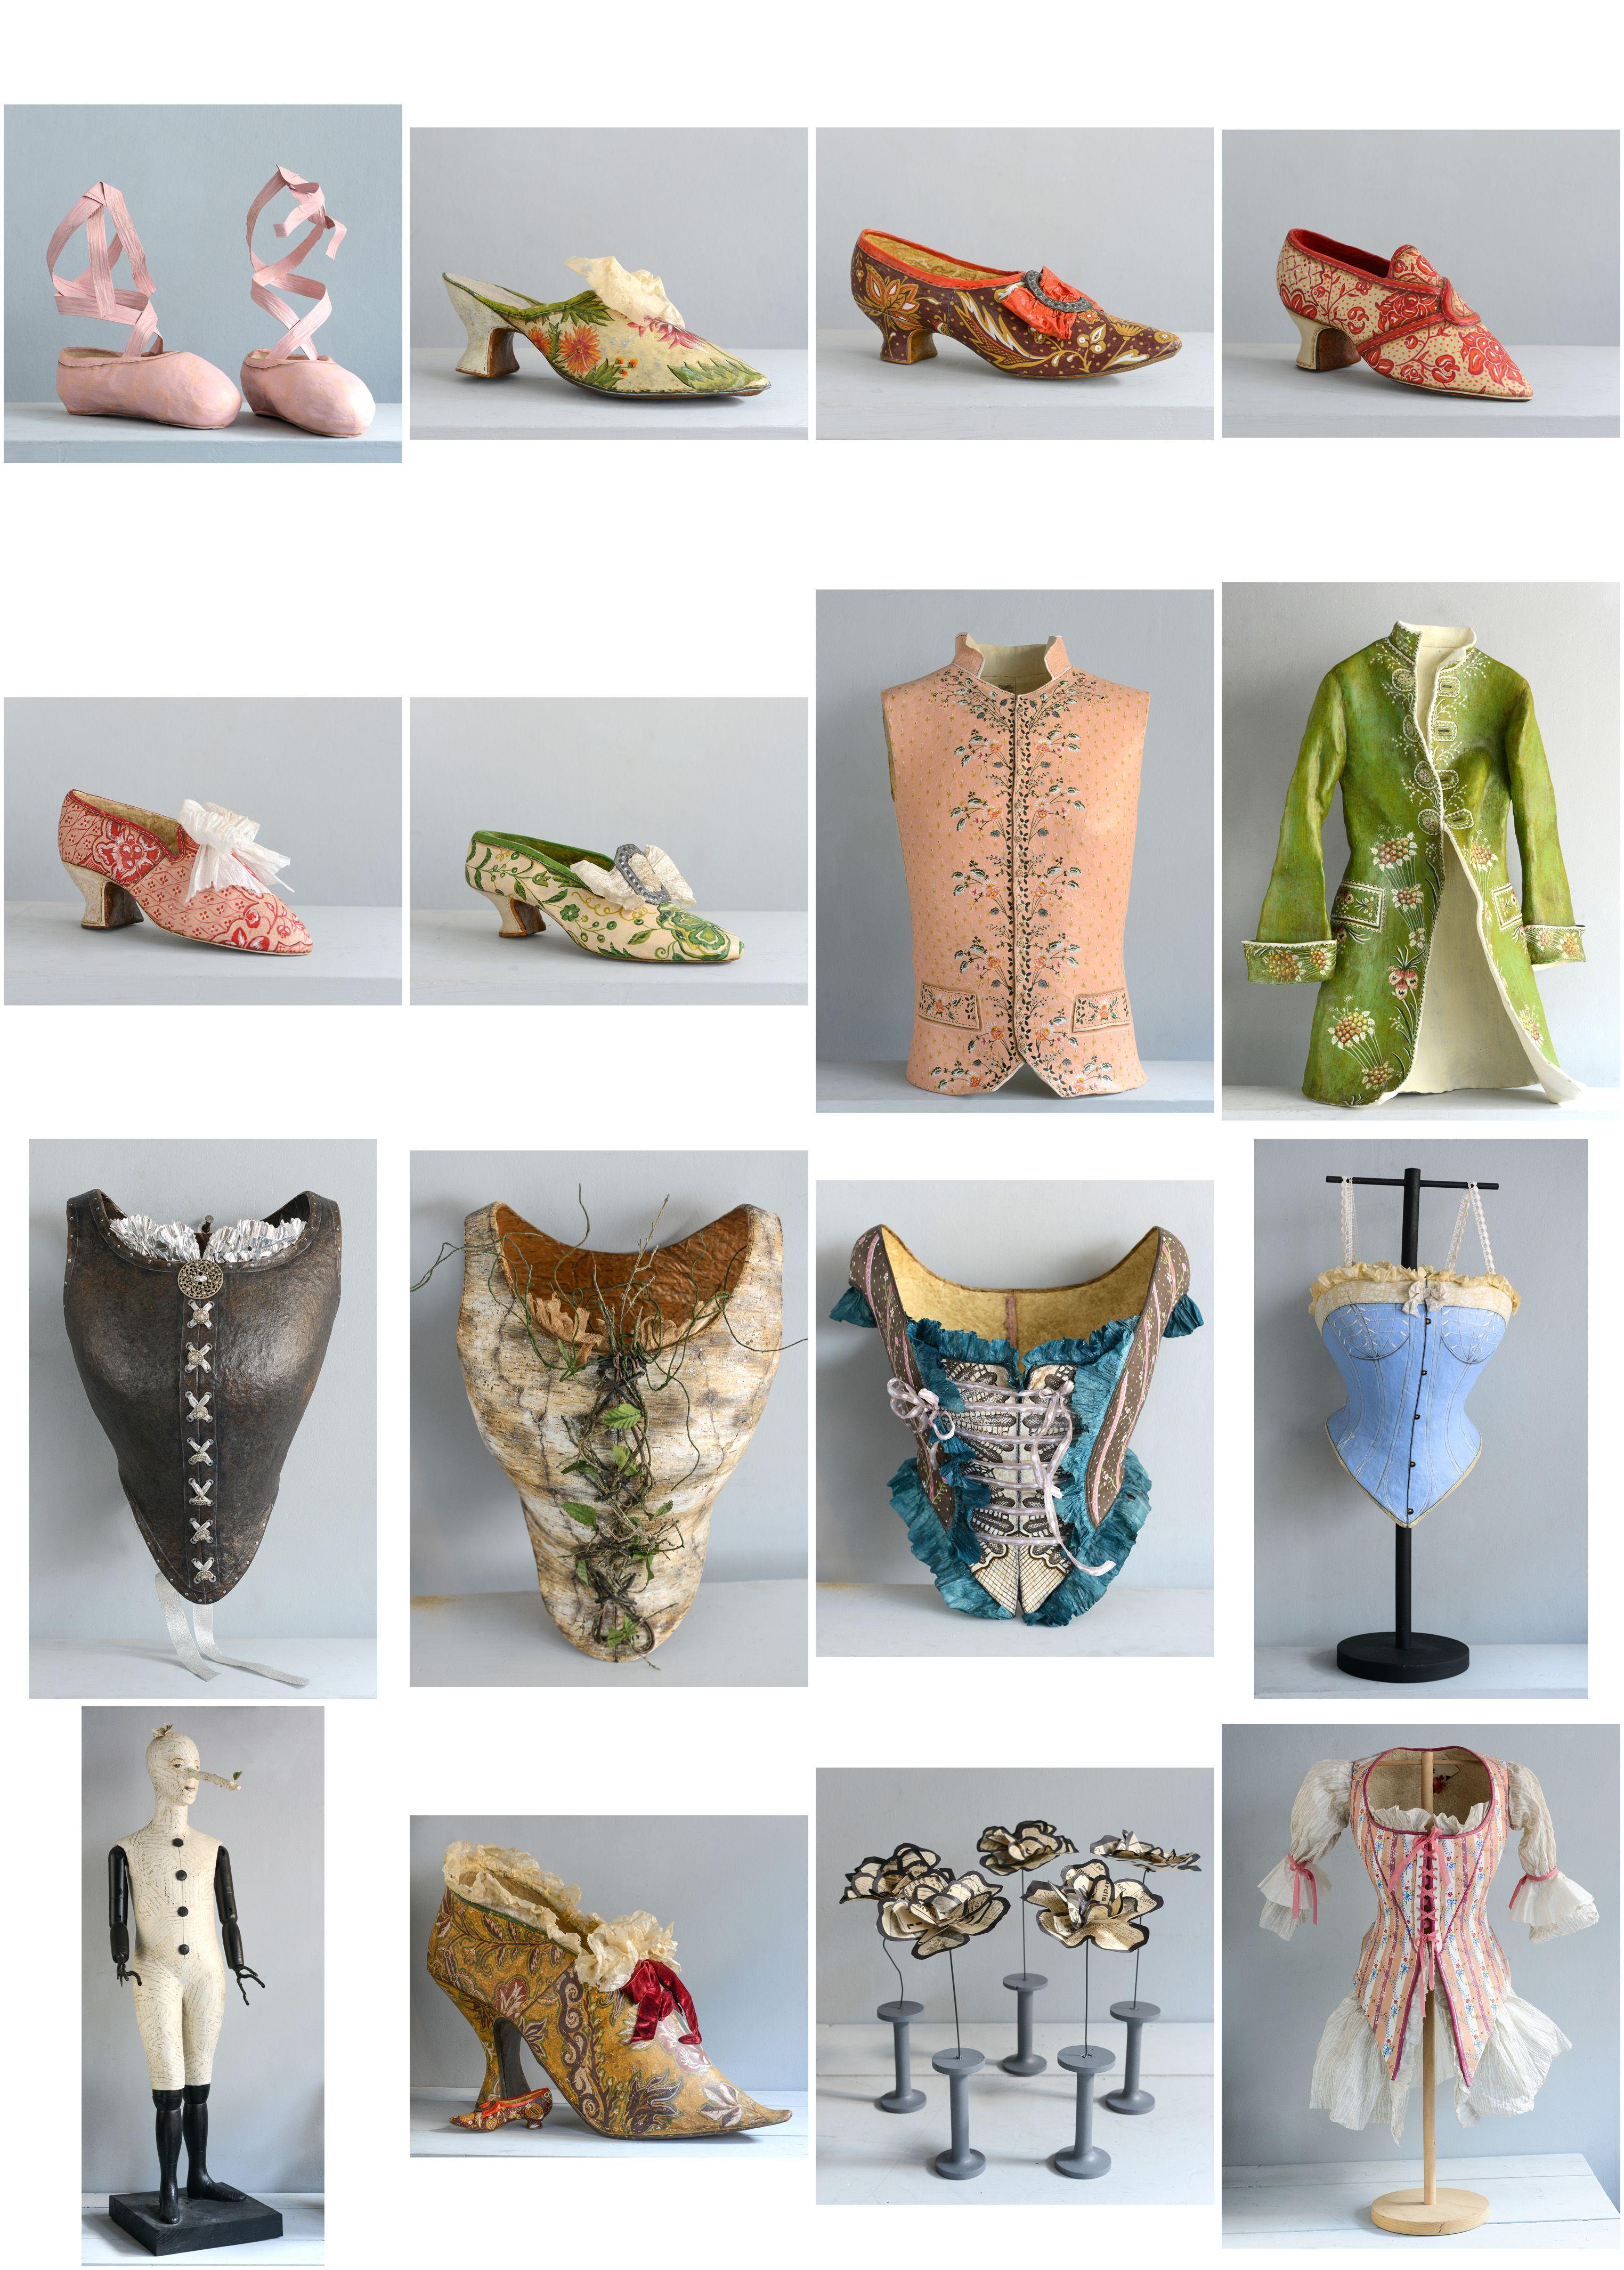 Sculptures en papier-mâché www.melaniebourlon.com